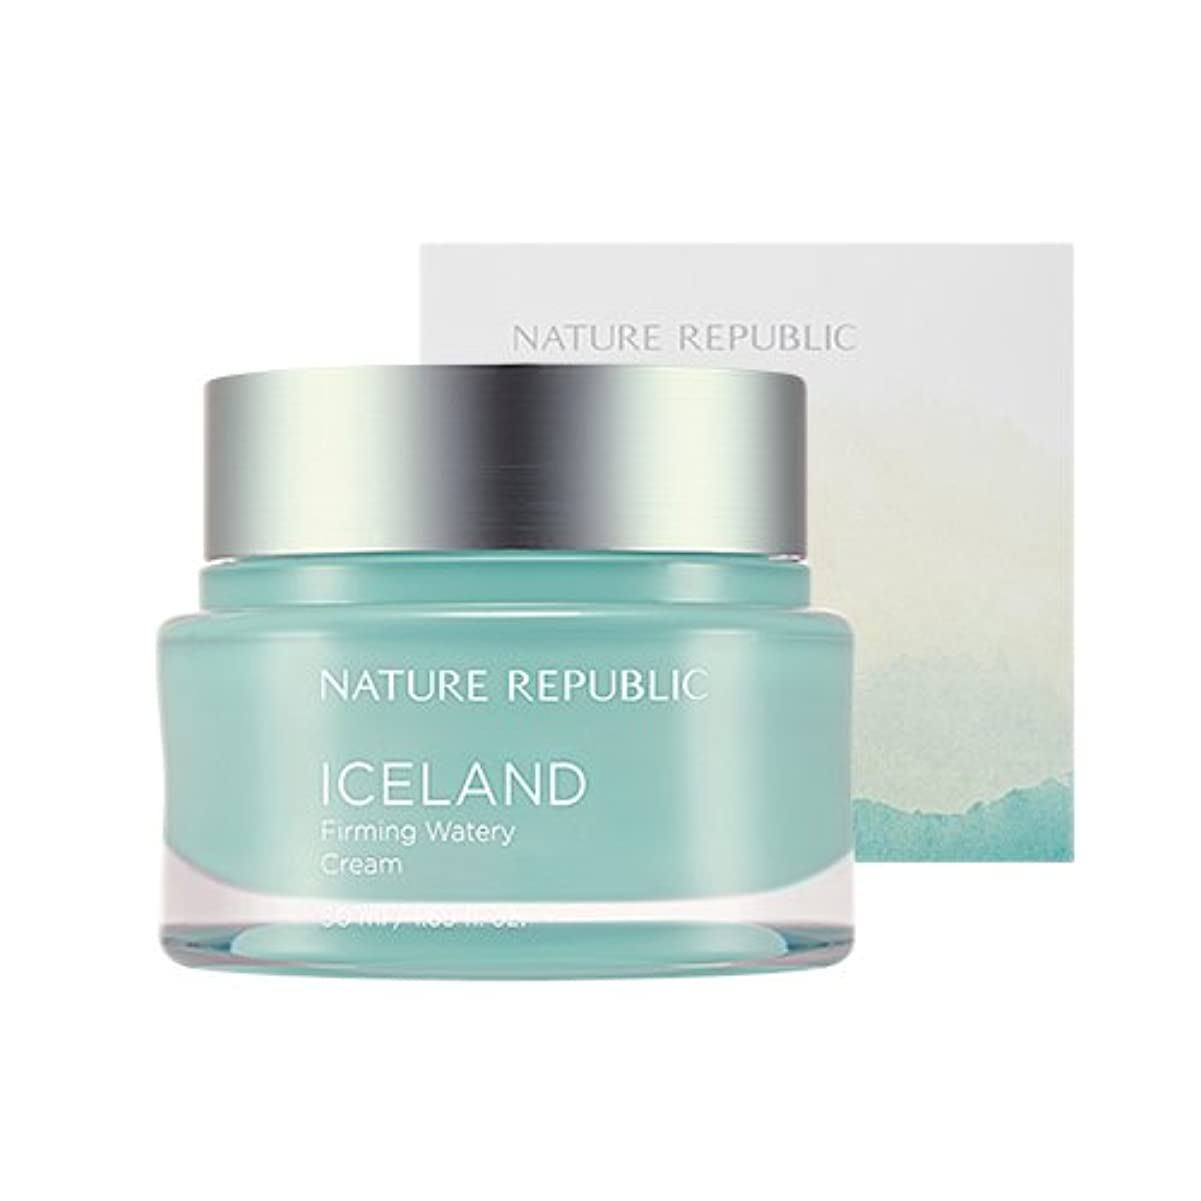 アンドリューハリディハードウェア傘Nature Republic Iceland Firming Watery Cream 50ml / ネイチャーリパブリック アイスファーミング水分クリーム 50ml [並行輸入品]